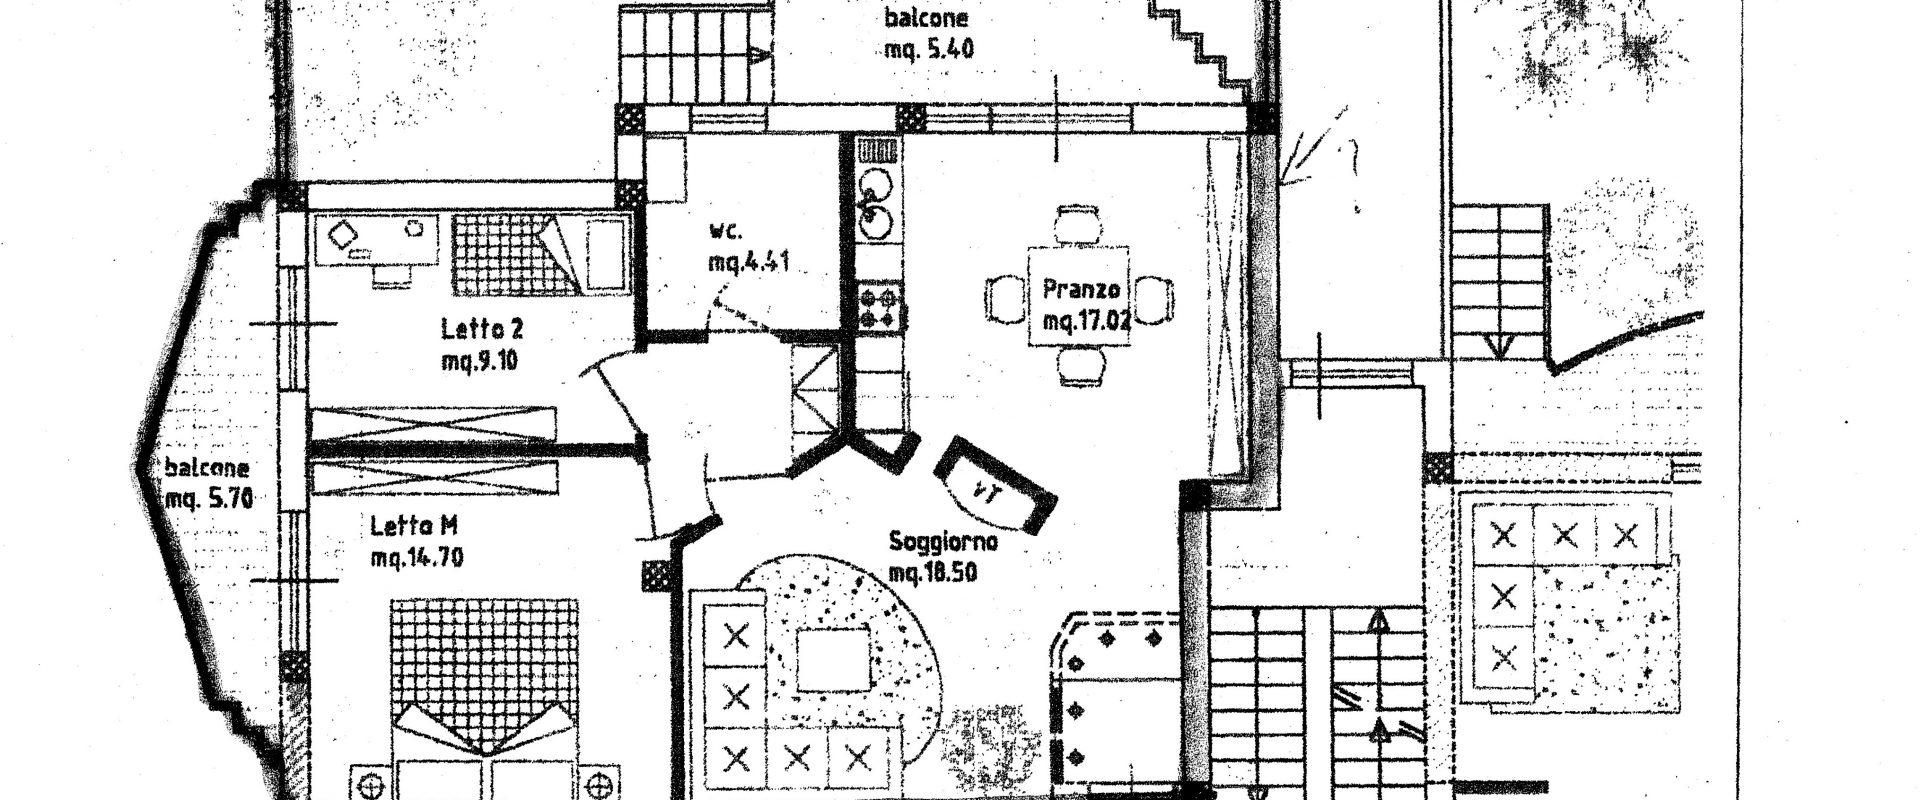 Appartamento a piano rialzato di 4 vani + acc.